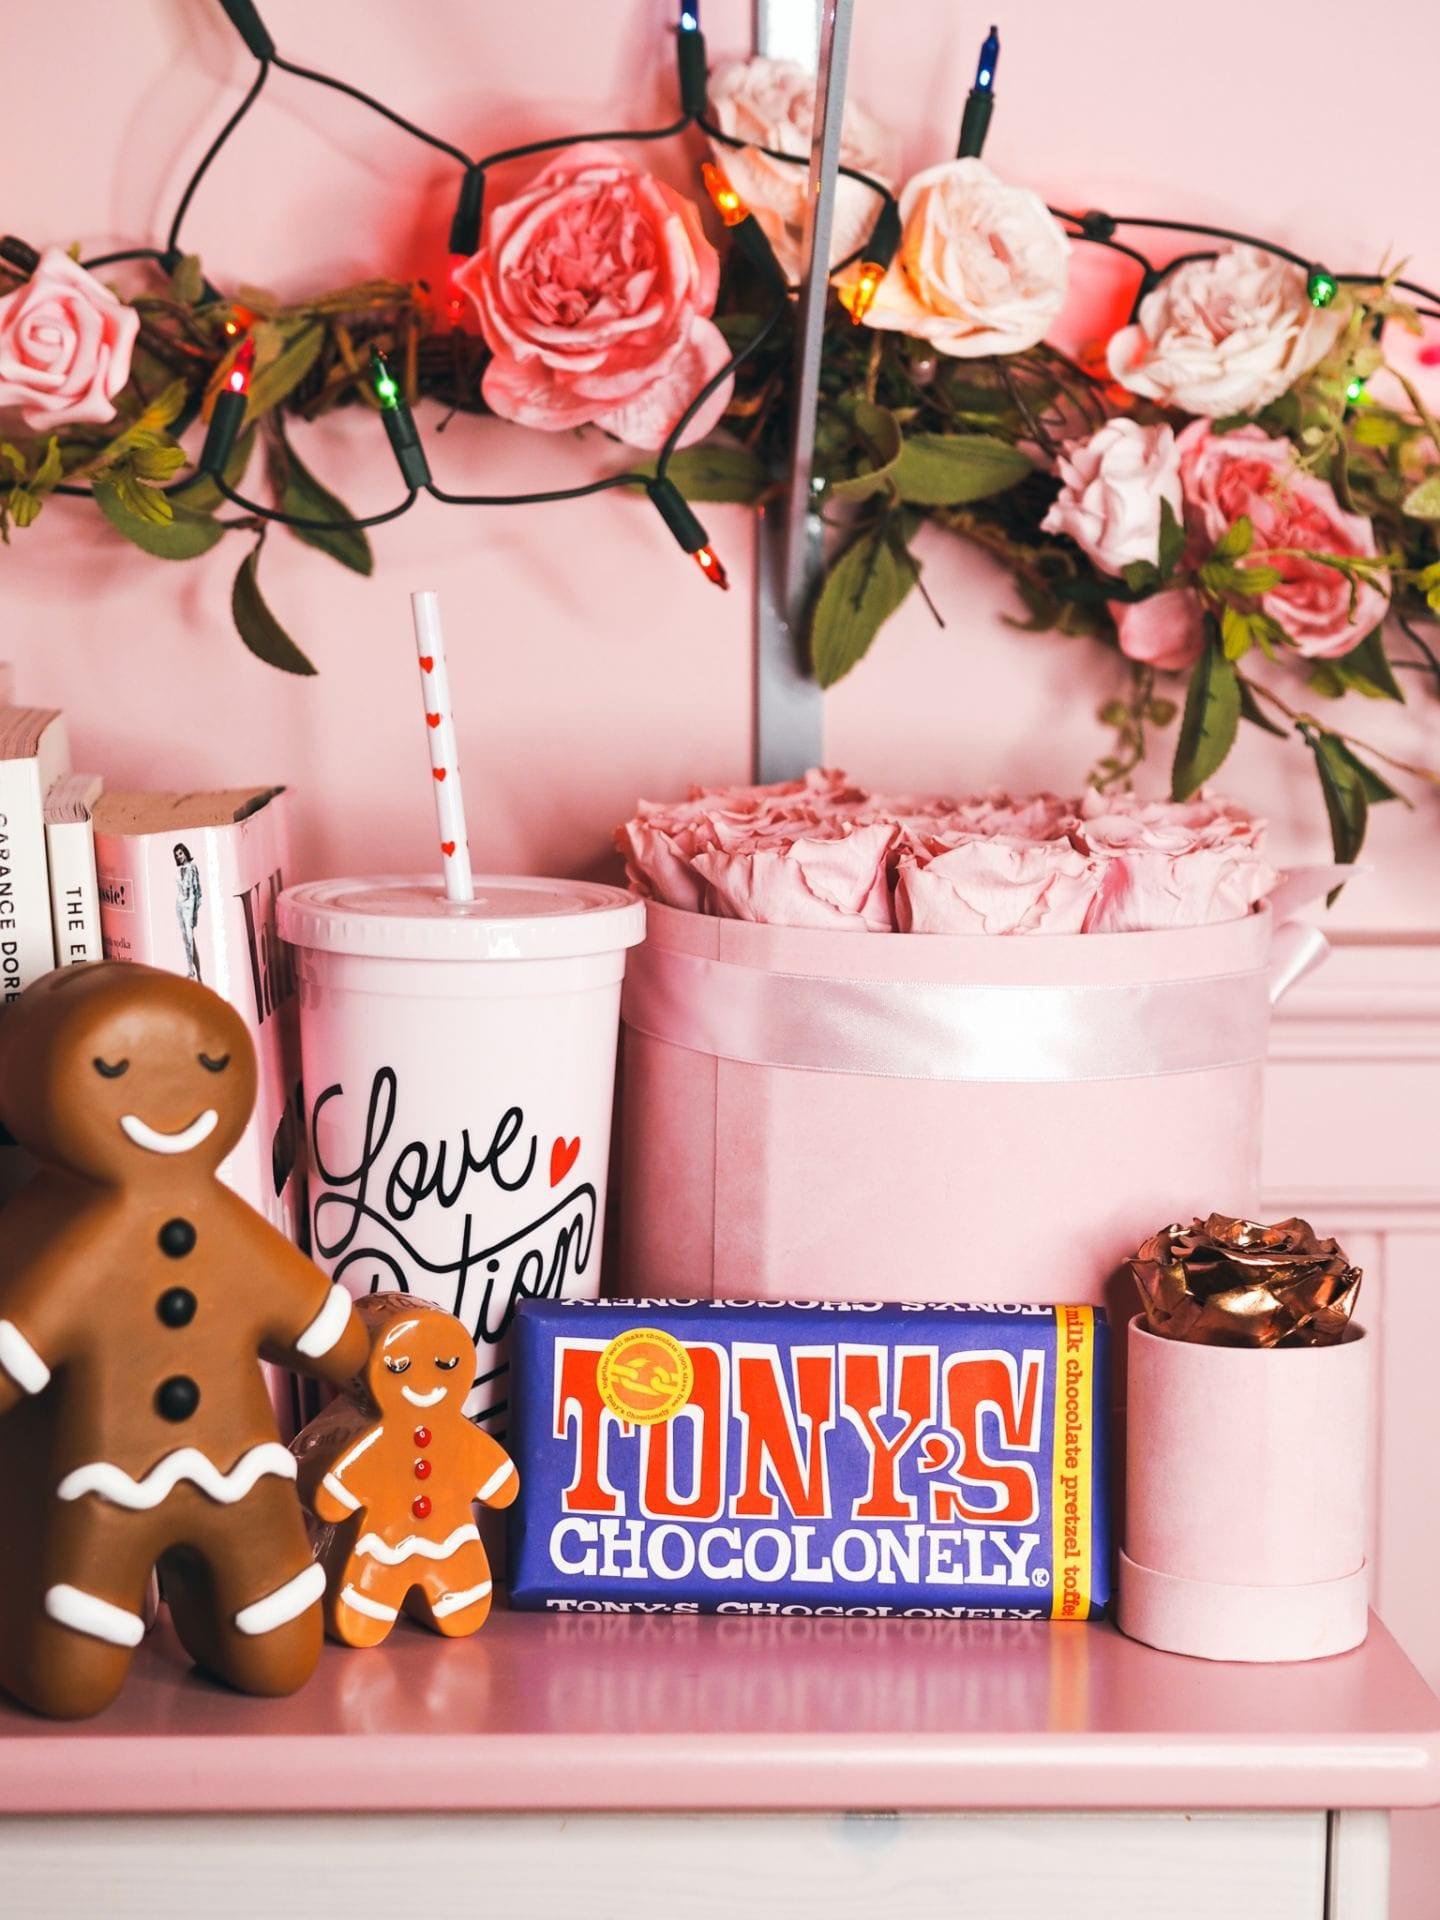 tonys chocolate